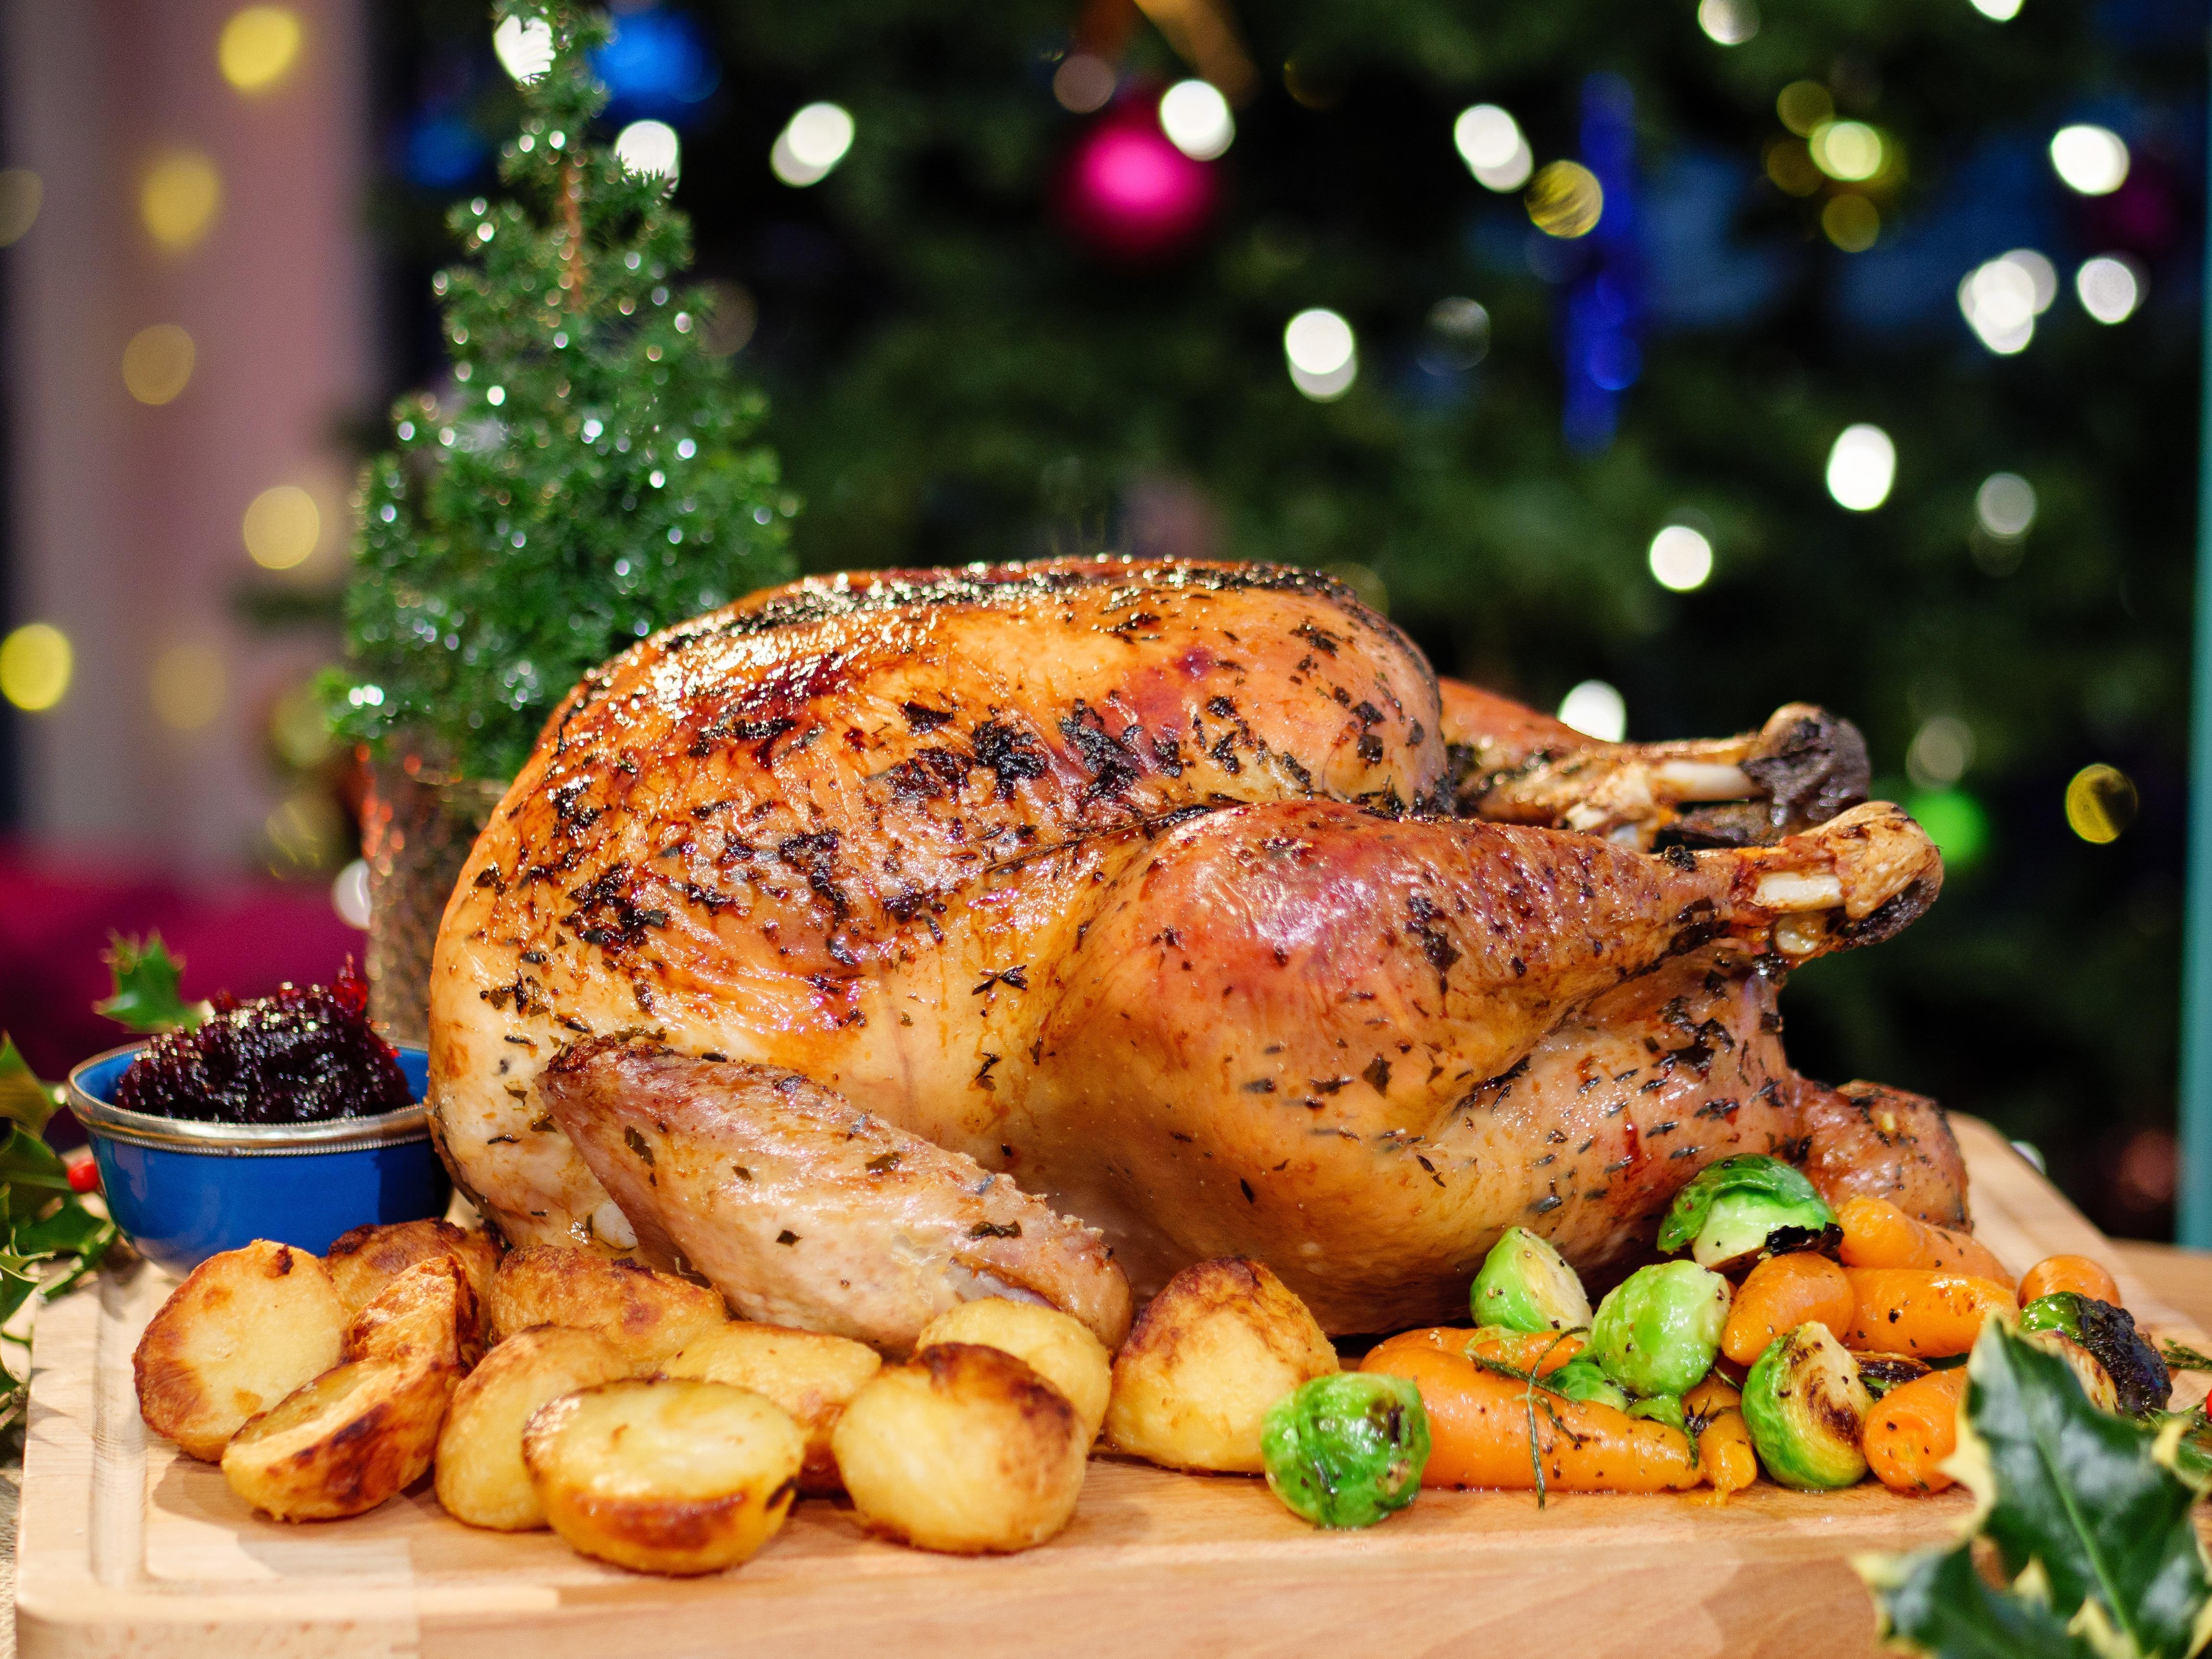 Brown Sugar & Maple Glazed Turkey